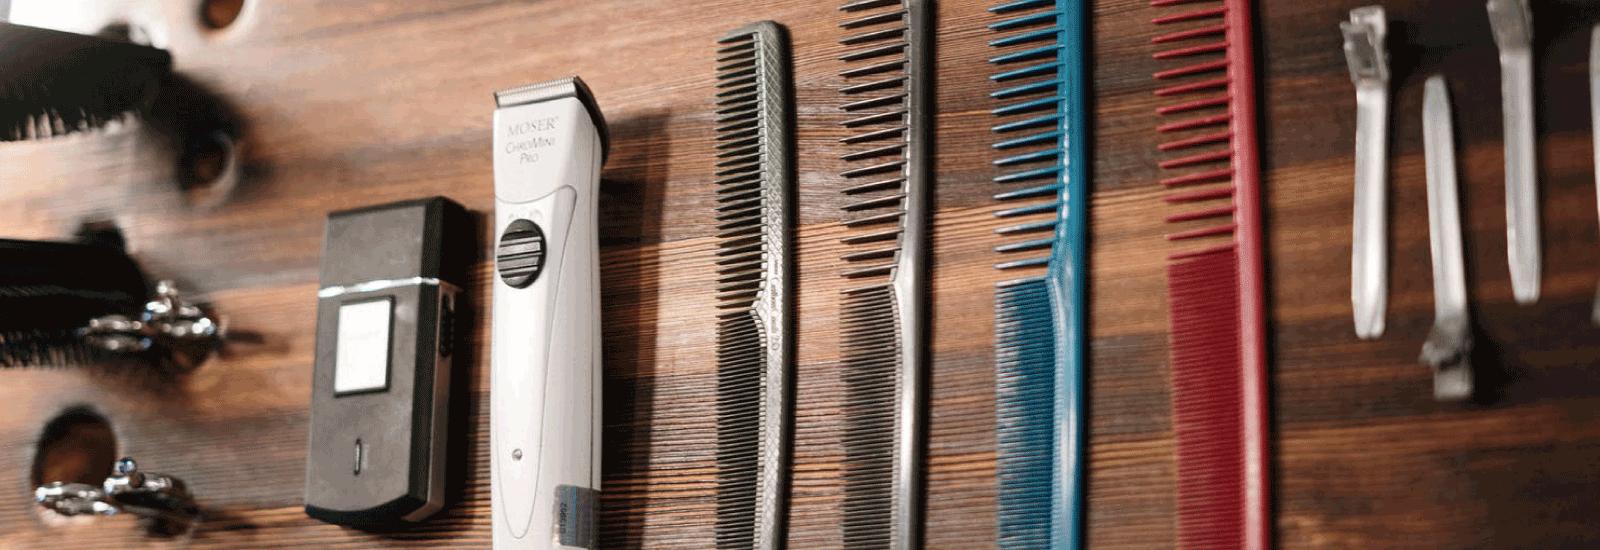 Tinker AFB Barber Shops